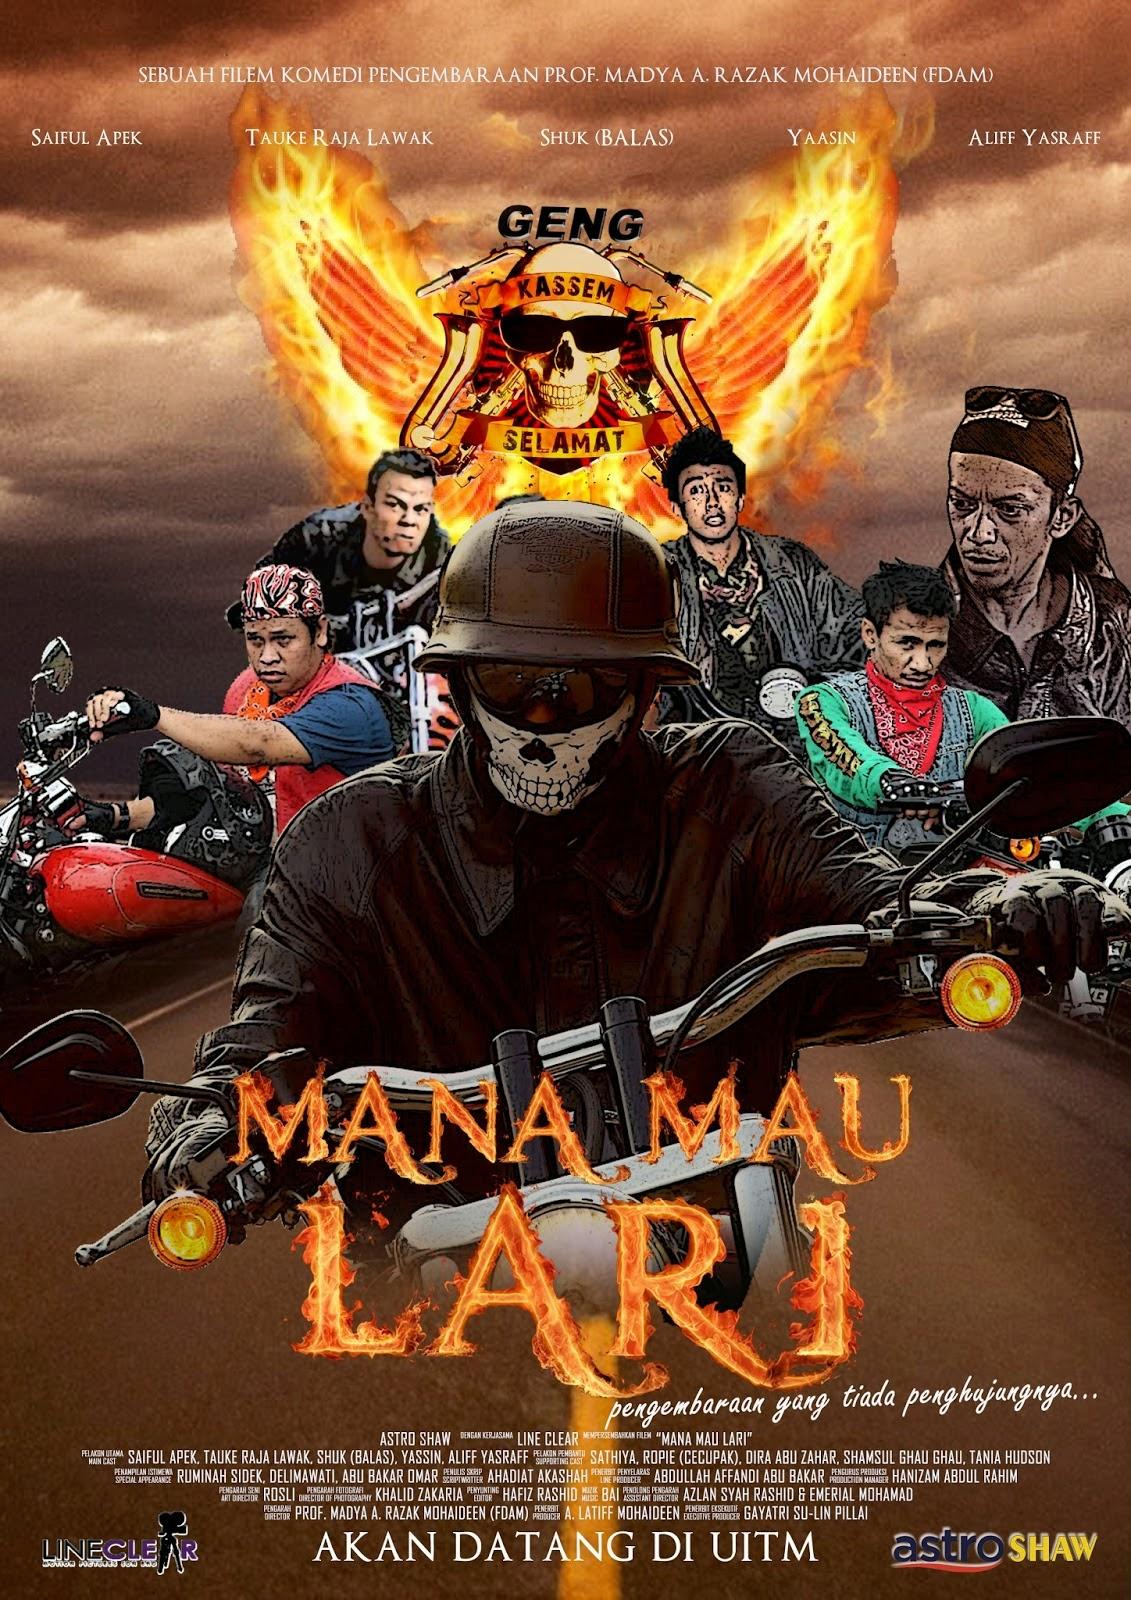 27 NOVEMBER 2014 - MANA MAU LARI